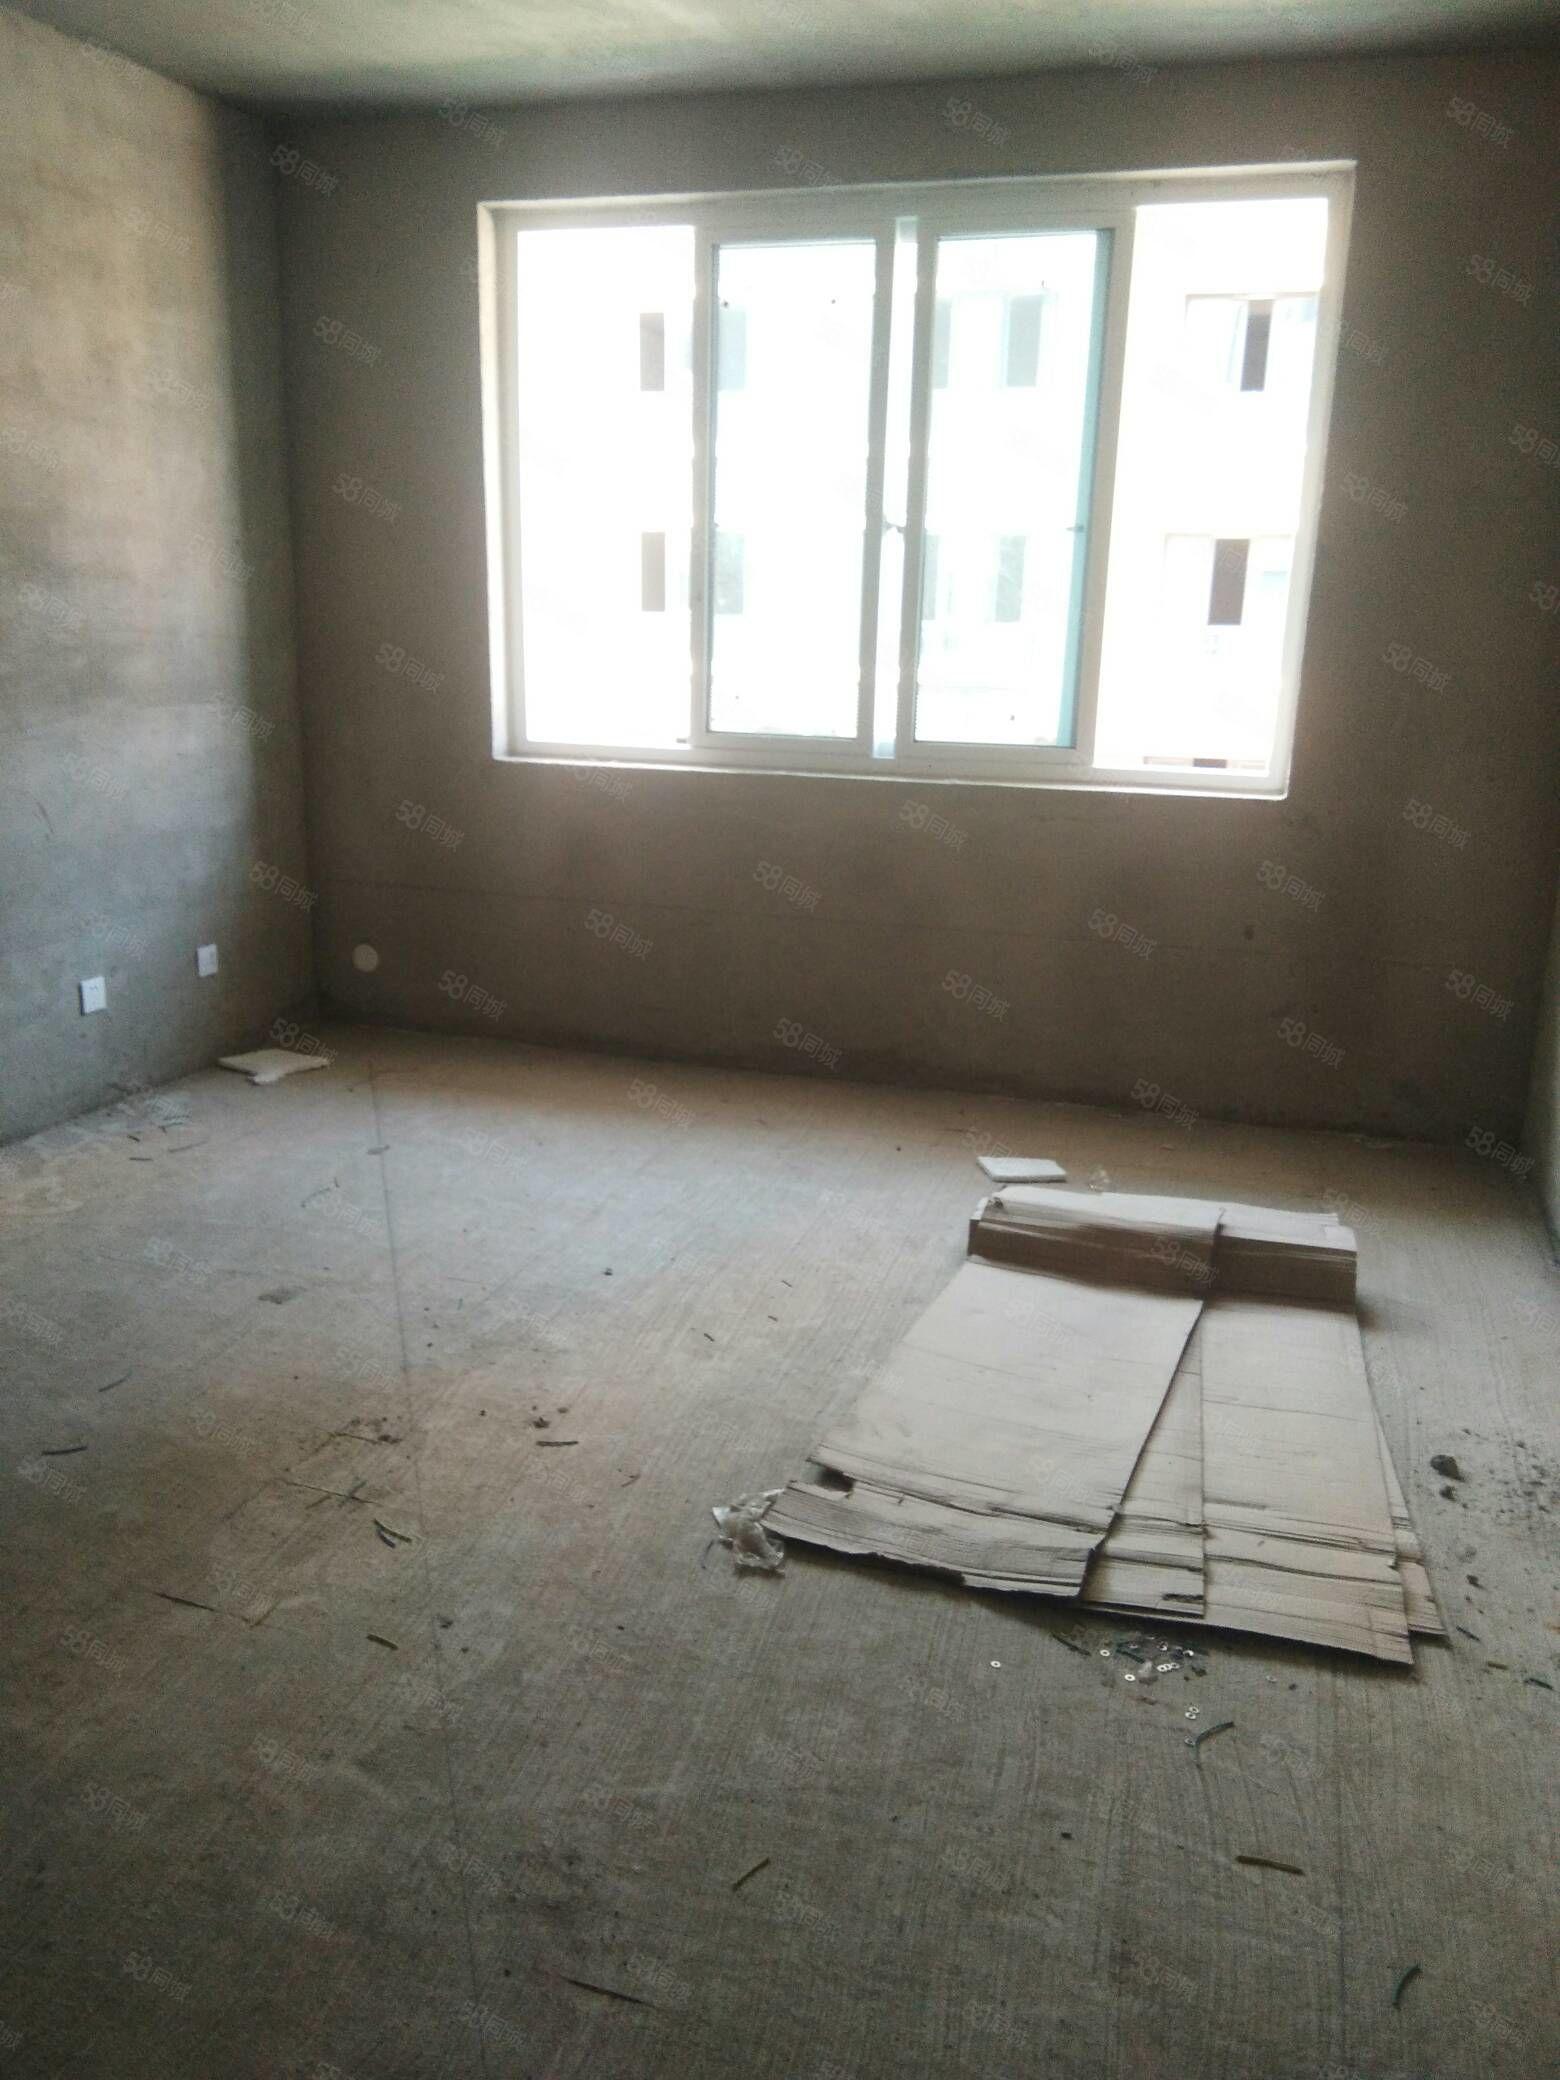 紫薇水岸 多层两室带车库 随意装修 可分期 仅售59万